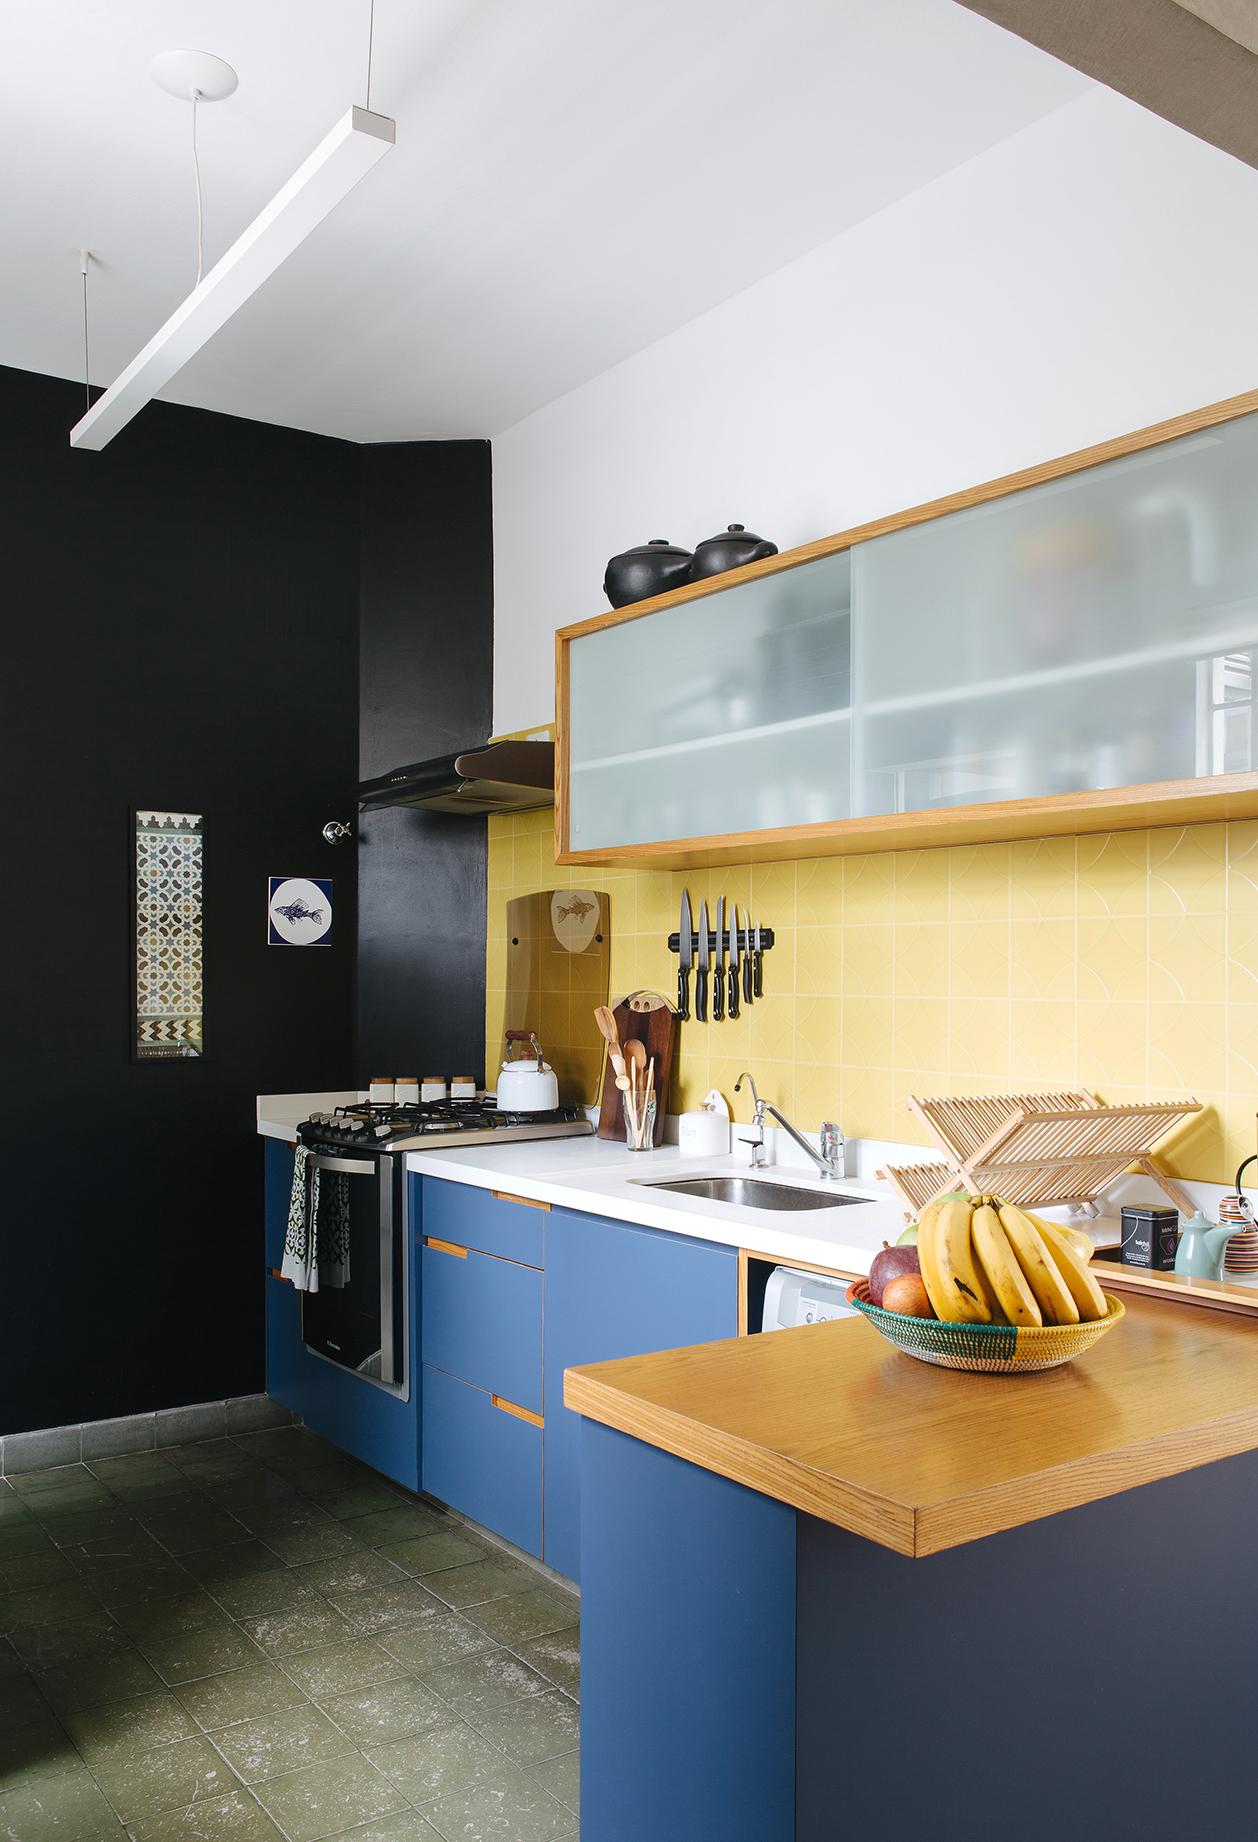 Outra ideia de cozinha azul e amarela: desta vez com uma mistura de branco e preto